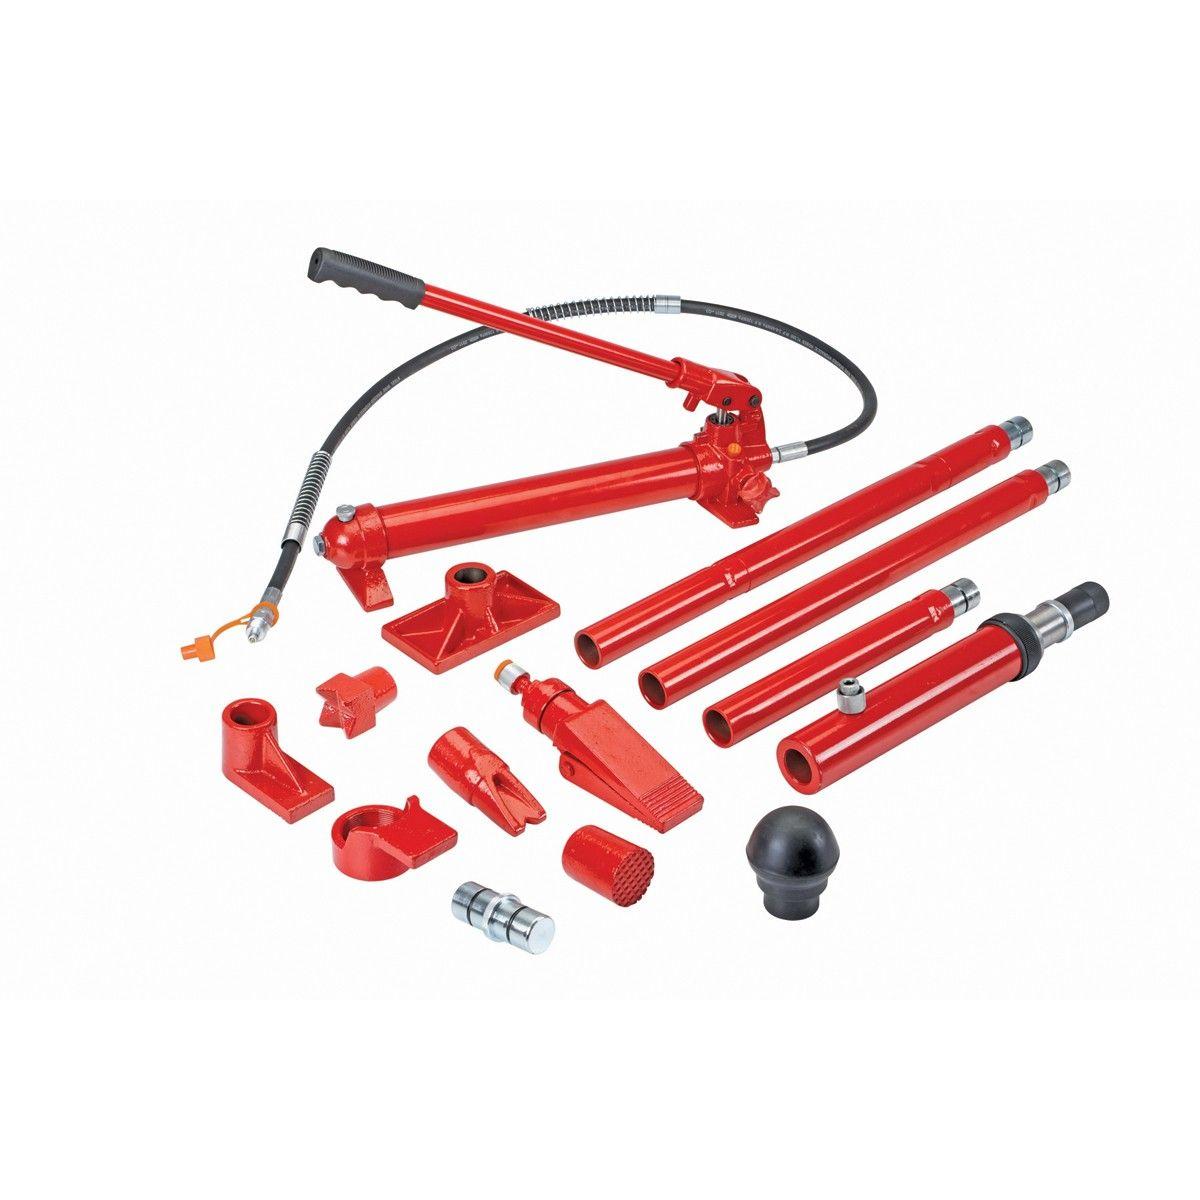 10 Ton Super Heavy Duty Portable Hydraulic Equipment Kit Portable Garage Hydraulic Garage Design